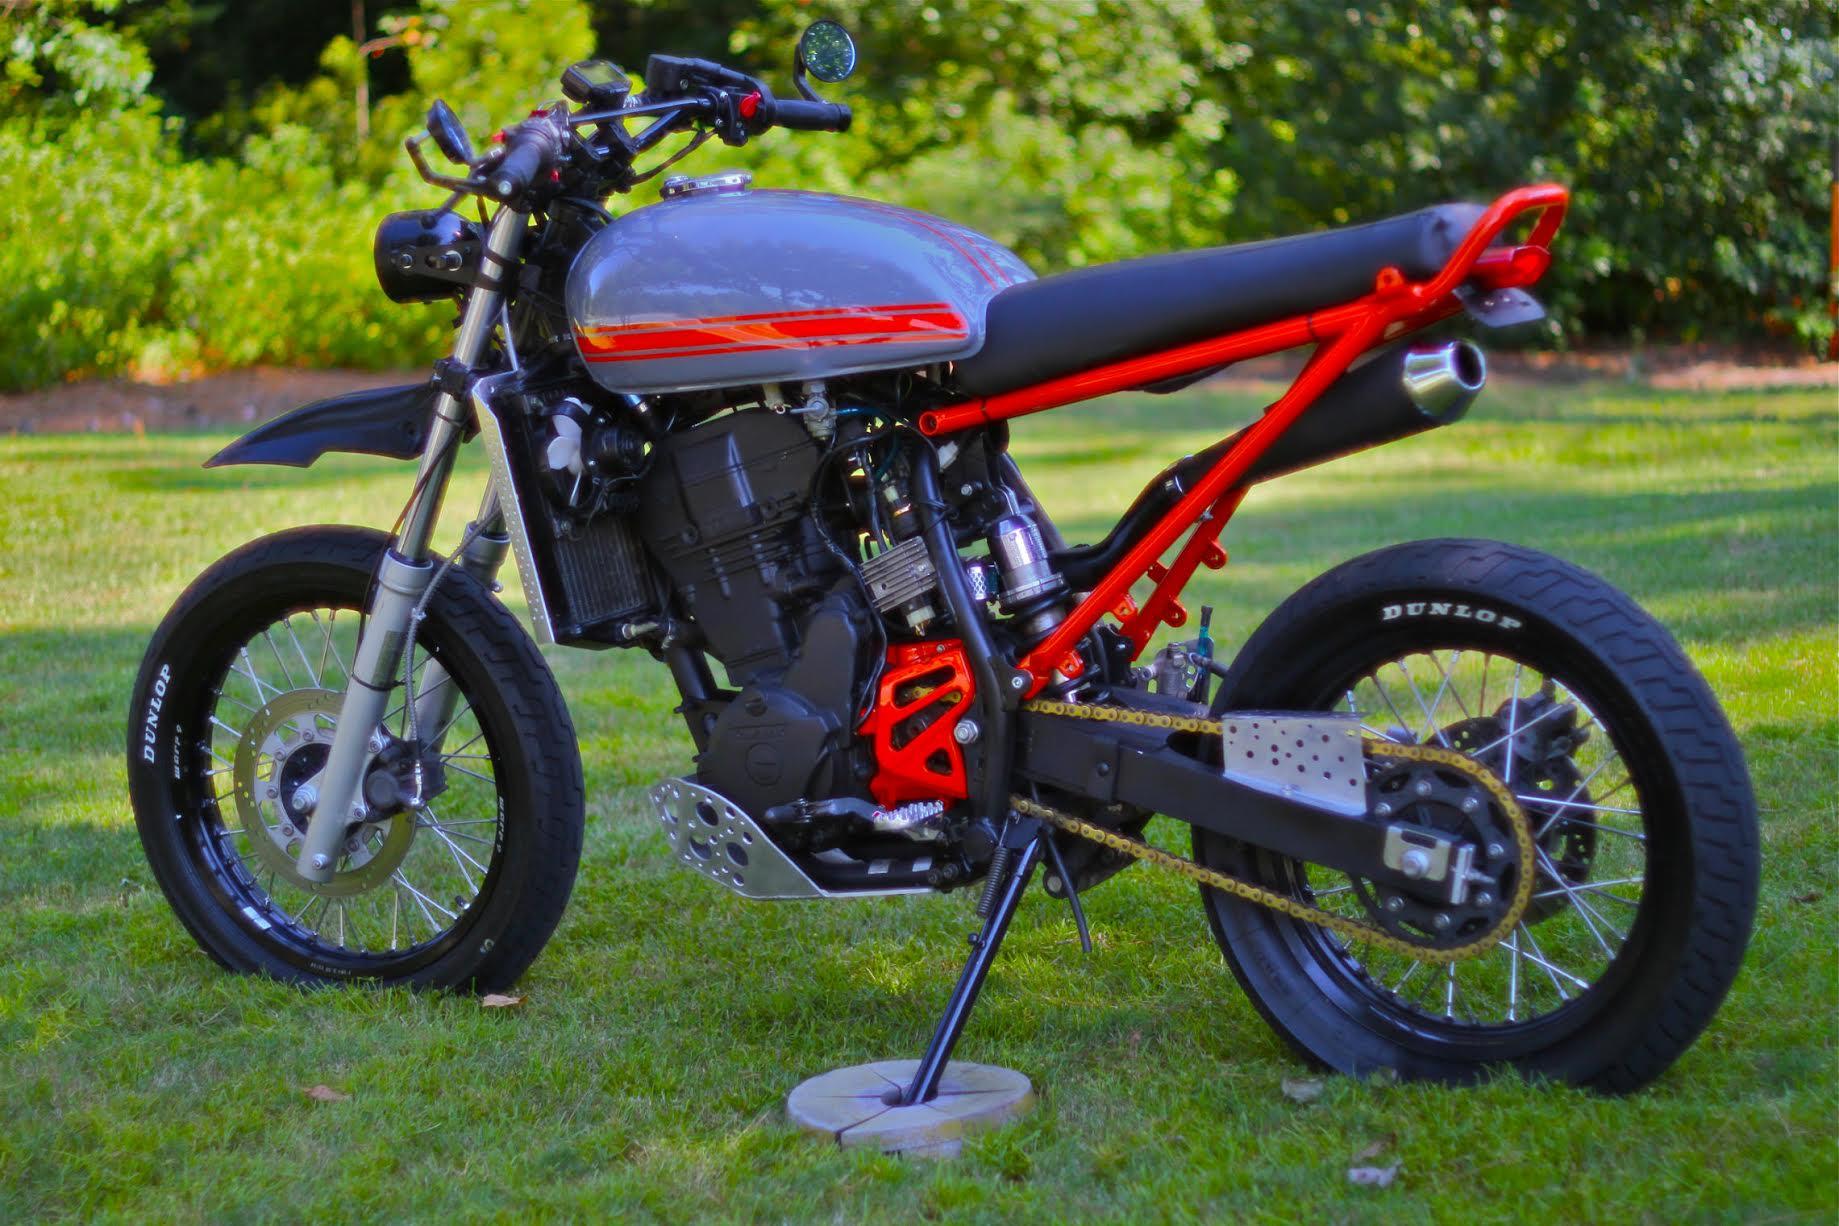 Kawasaki Klr650 Tracker By Magnum Opus Bikebound